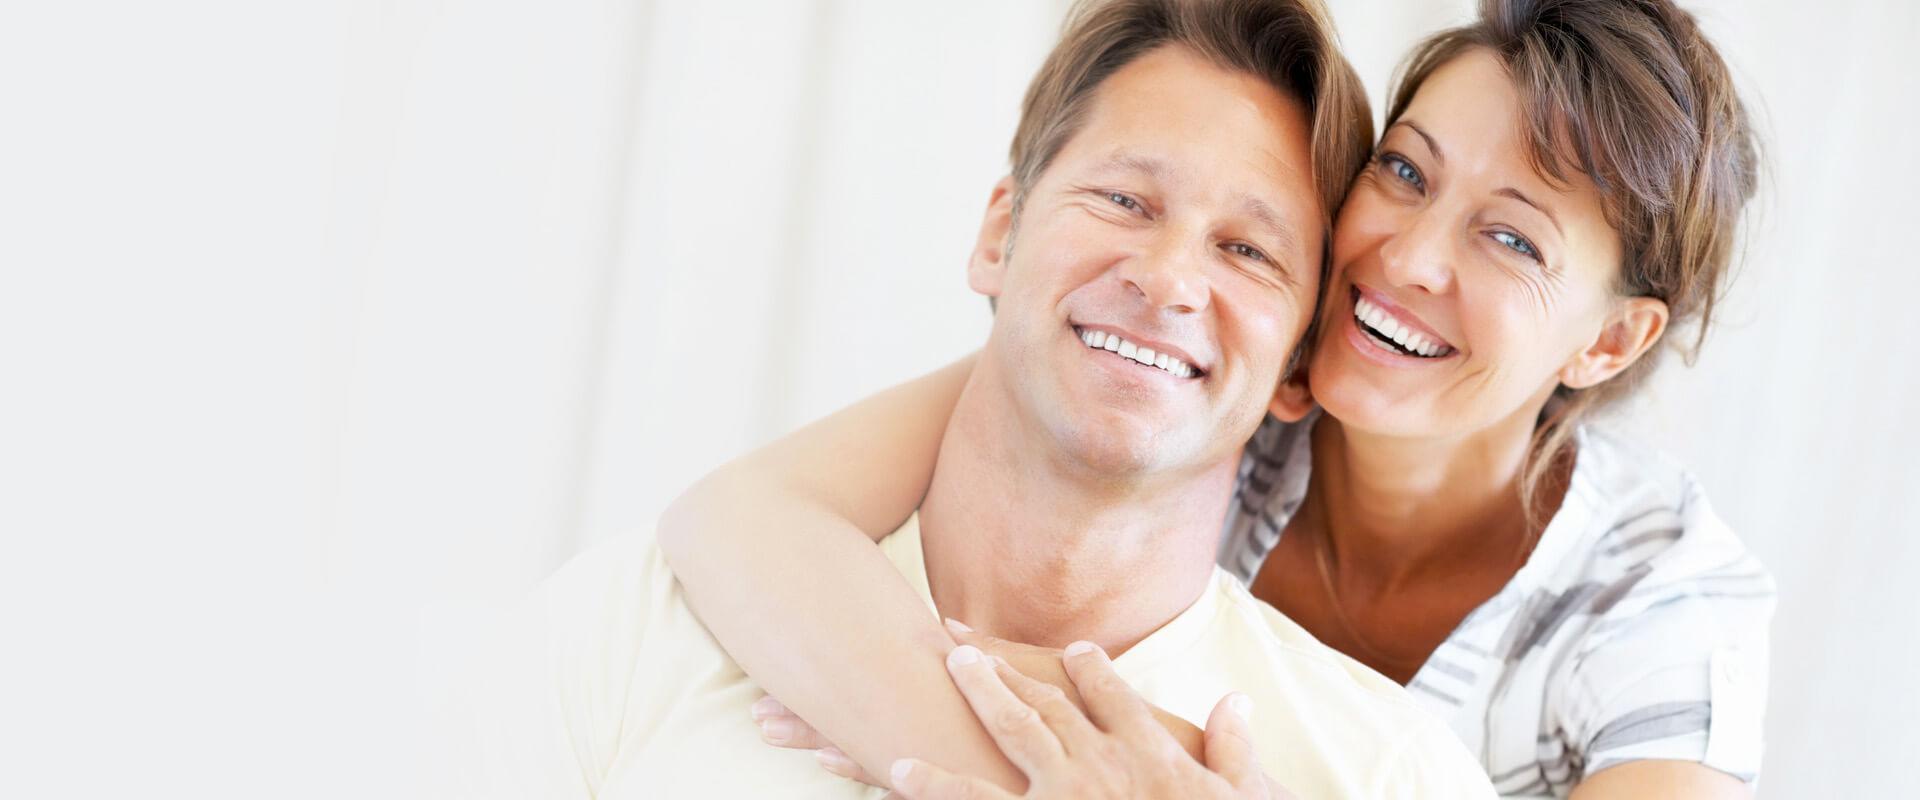 Сексуальная неудовлетвор нность мужская